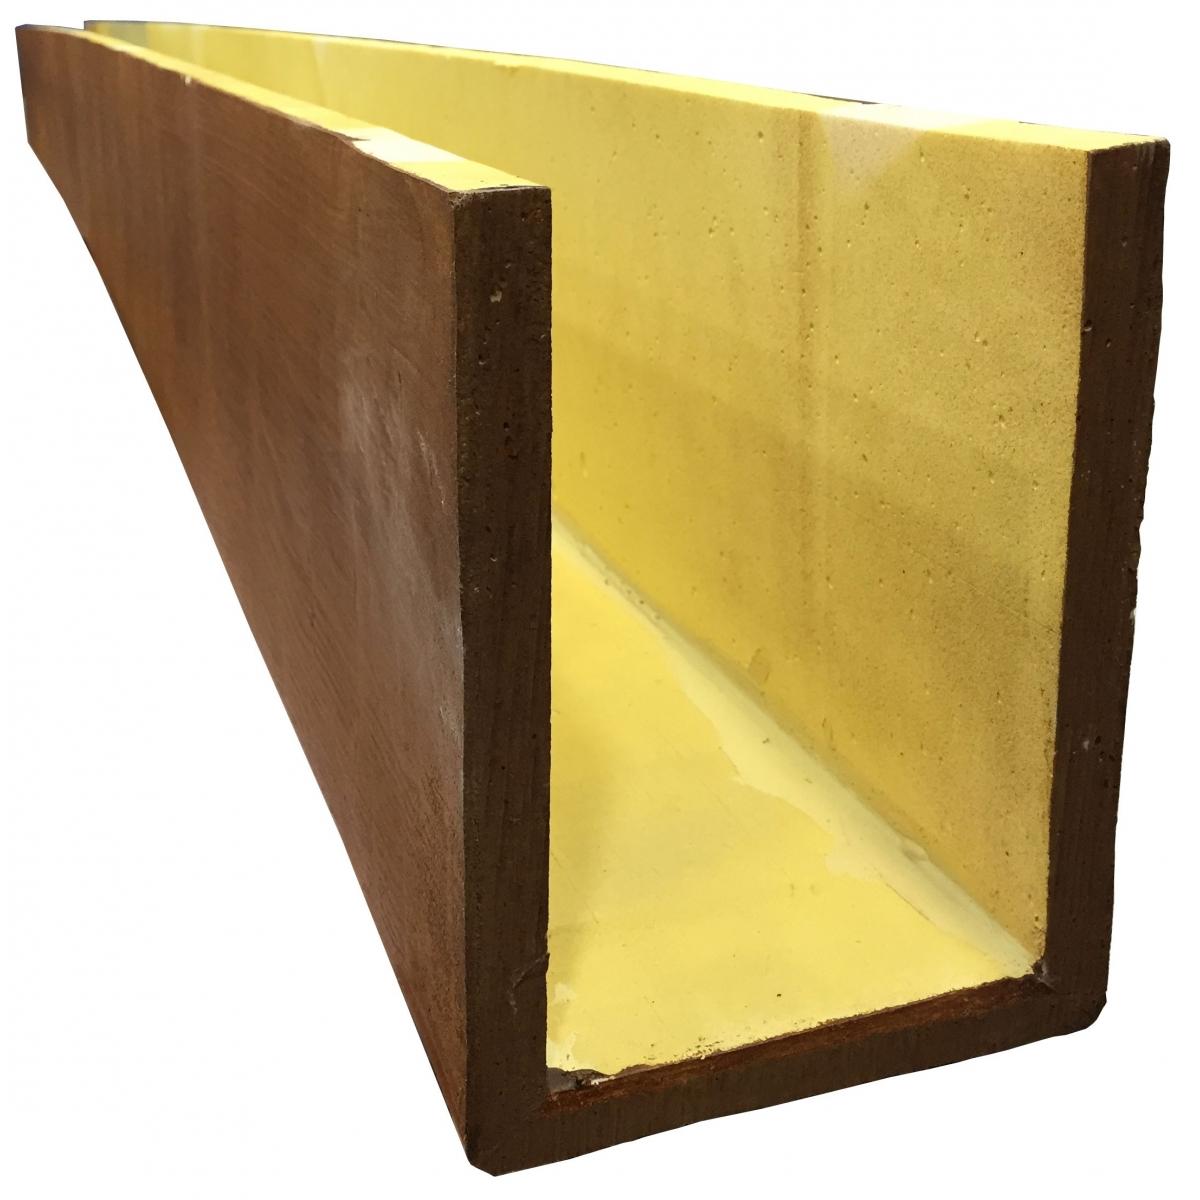 Viga imitación a madera 400x29x30